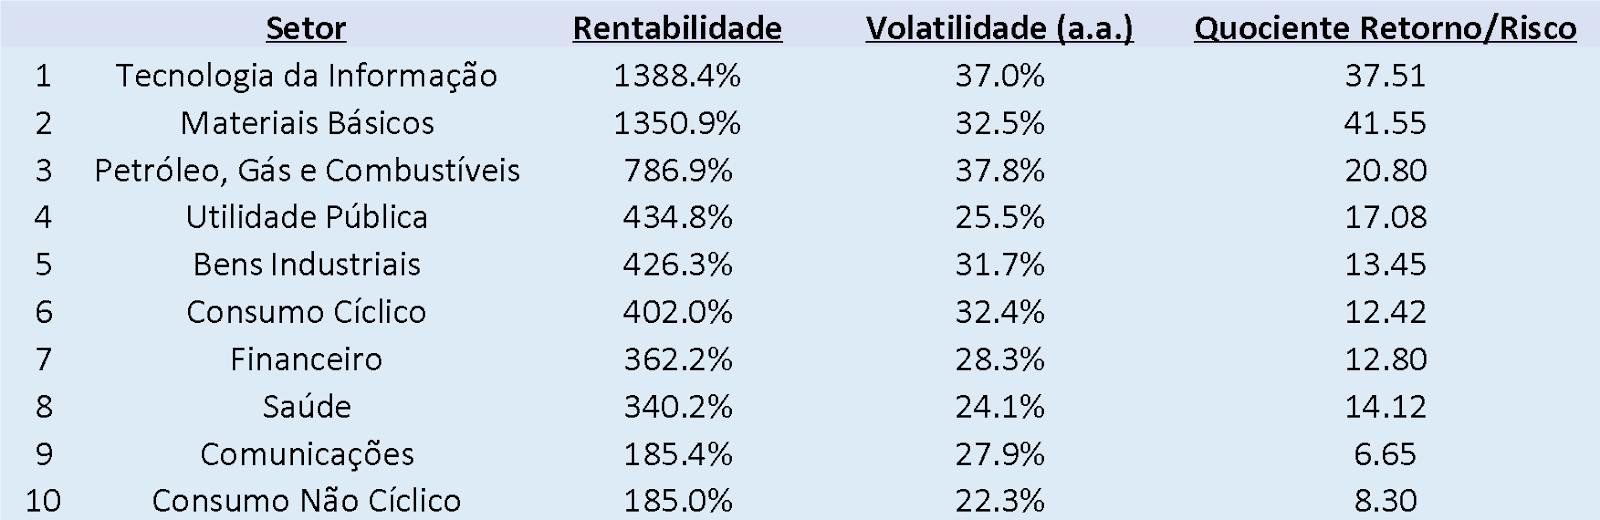 Tabela: Rentabilidades setoriais (2016-2021)